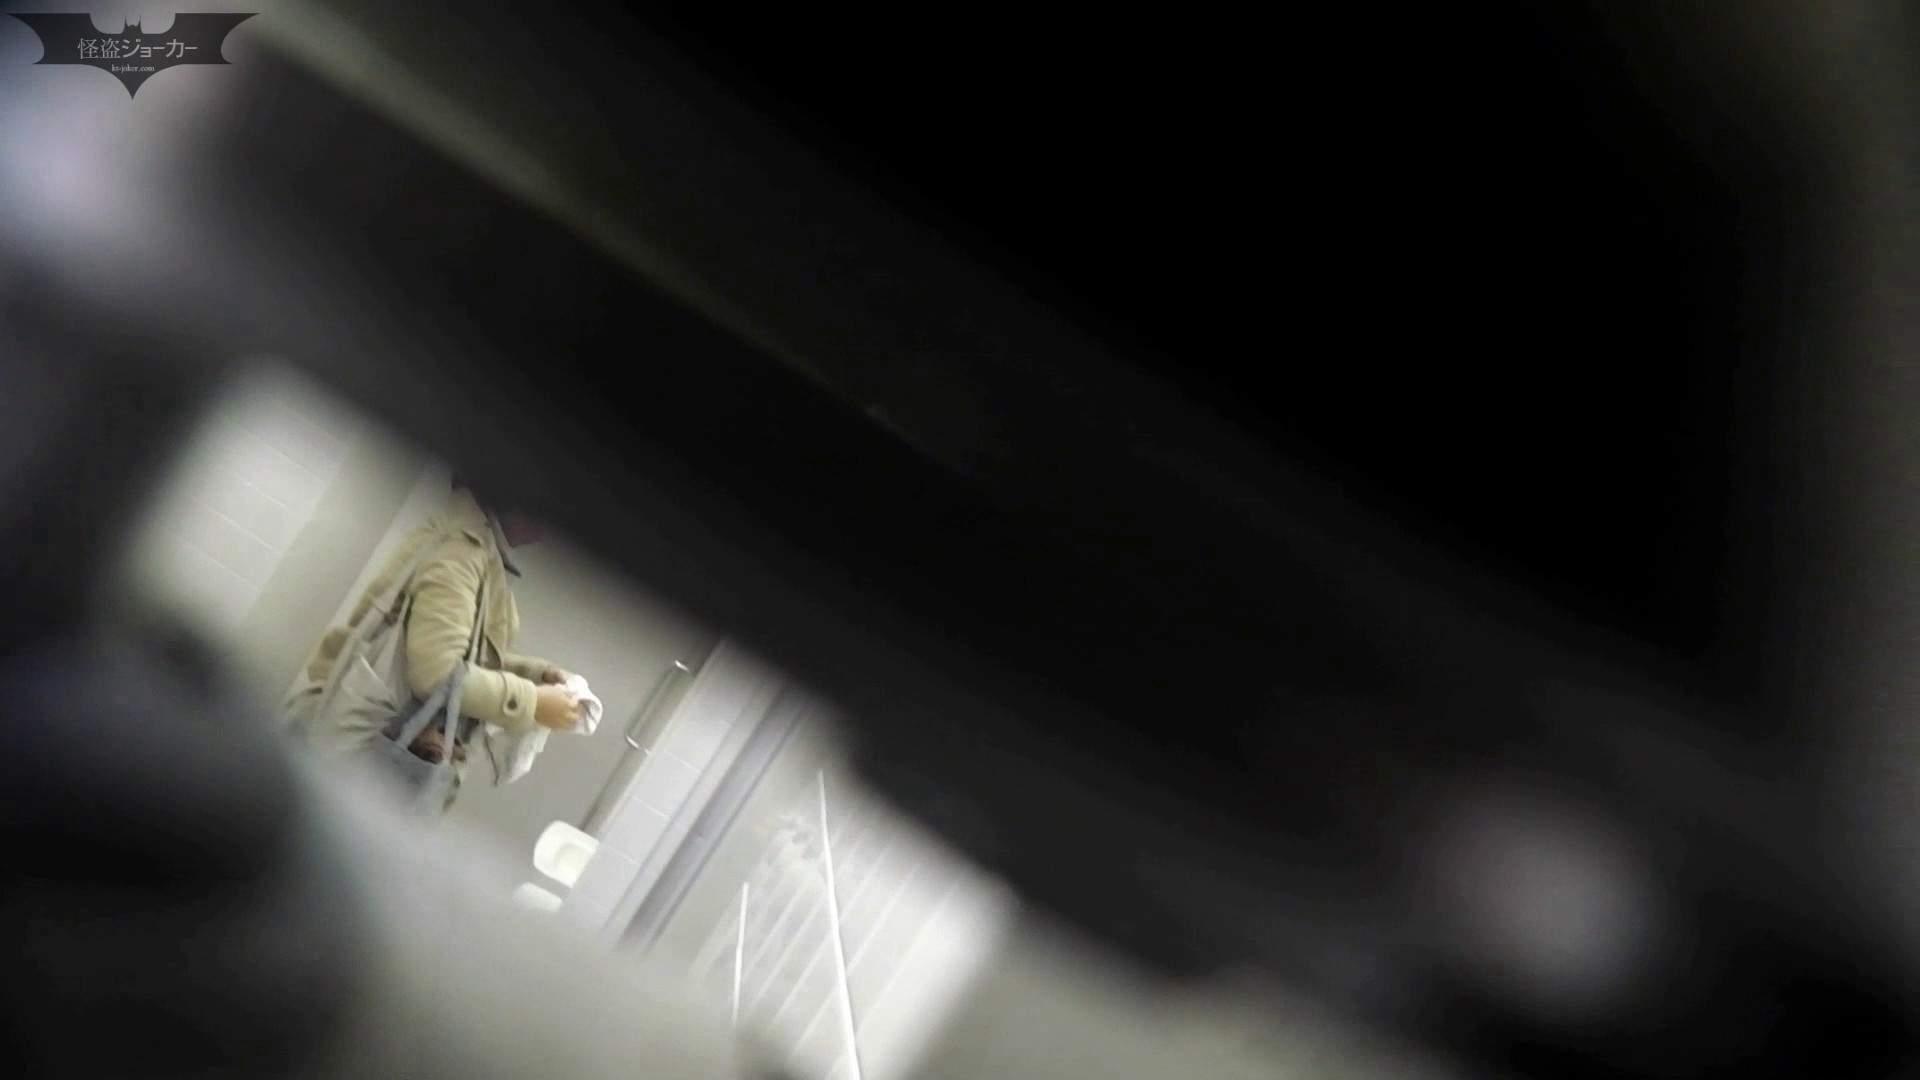 お銀さんの「洗面所突入レポート!!」 vol.54 エロすぎる捻り? 盛合せ オマンコ無修正動画無料 84画像 58